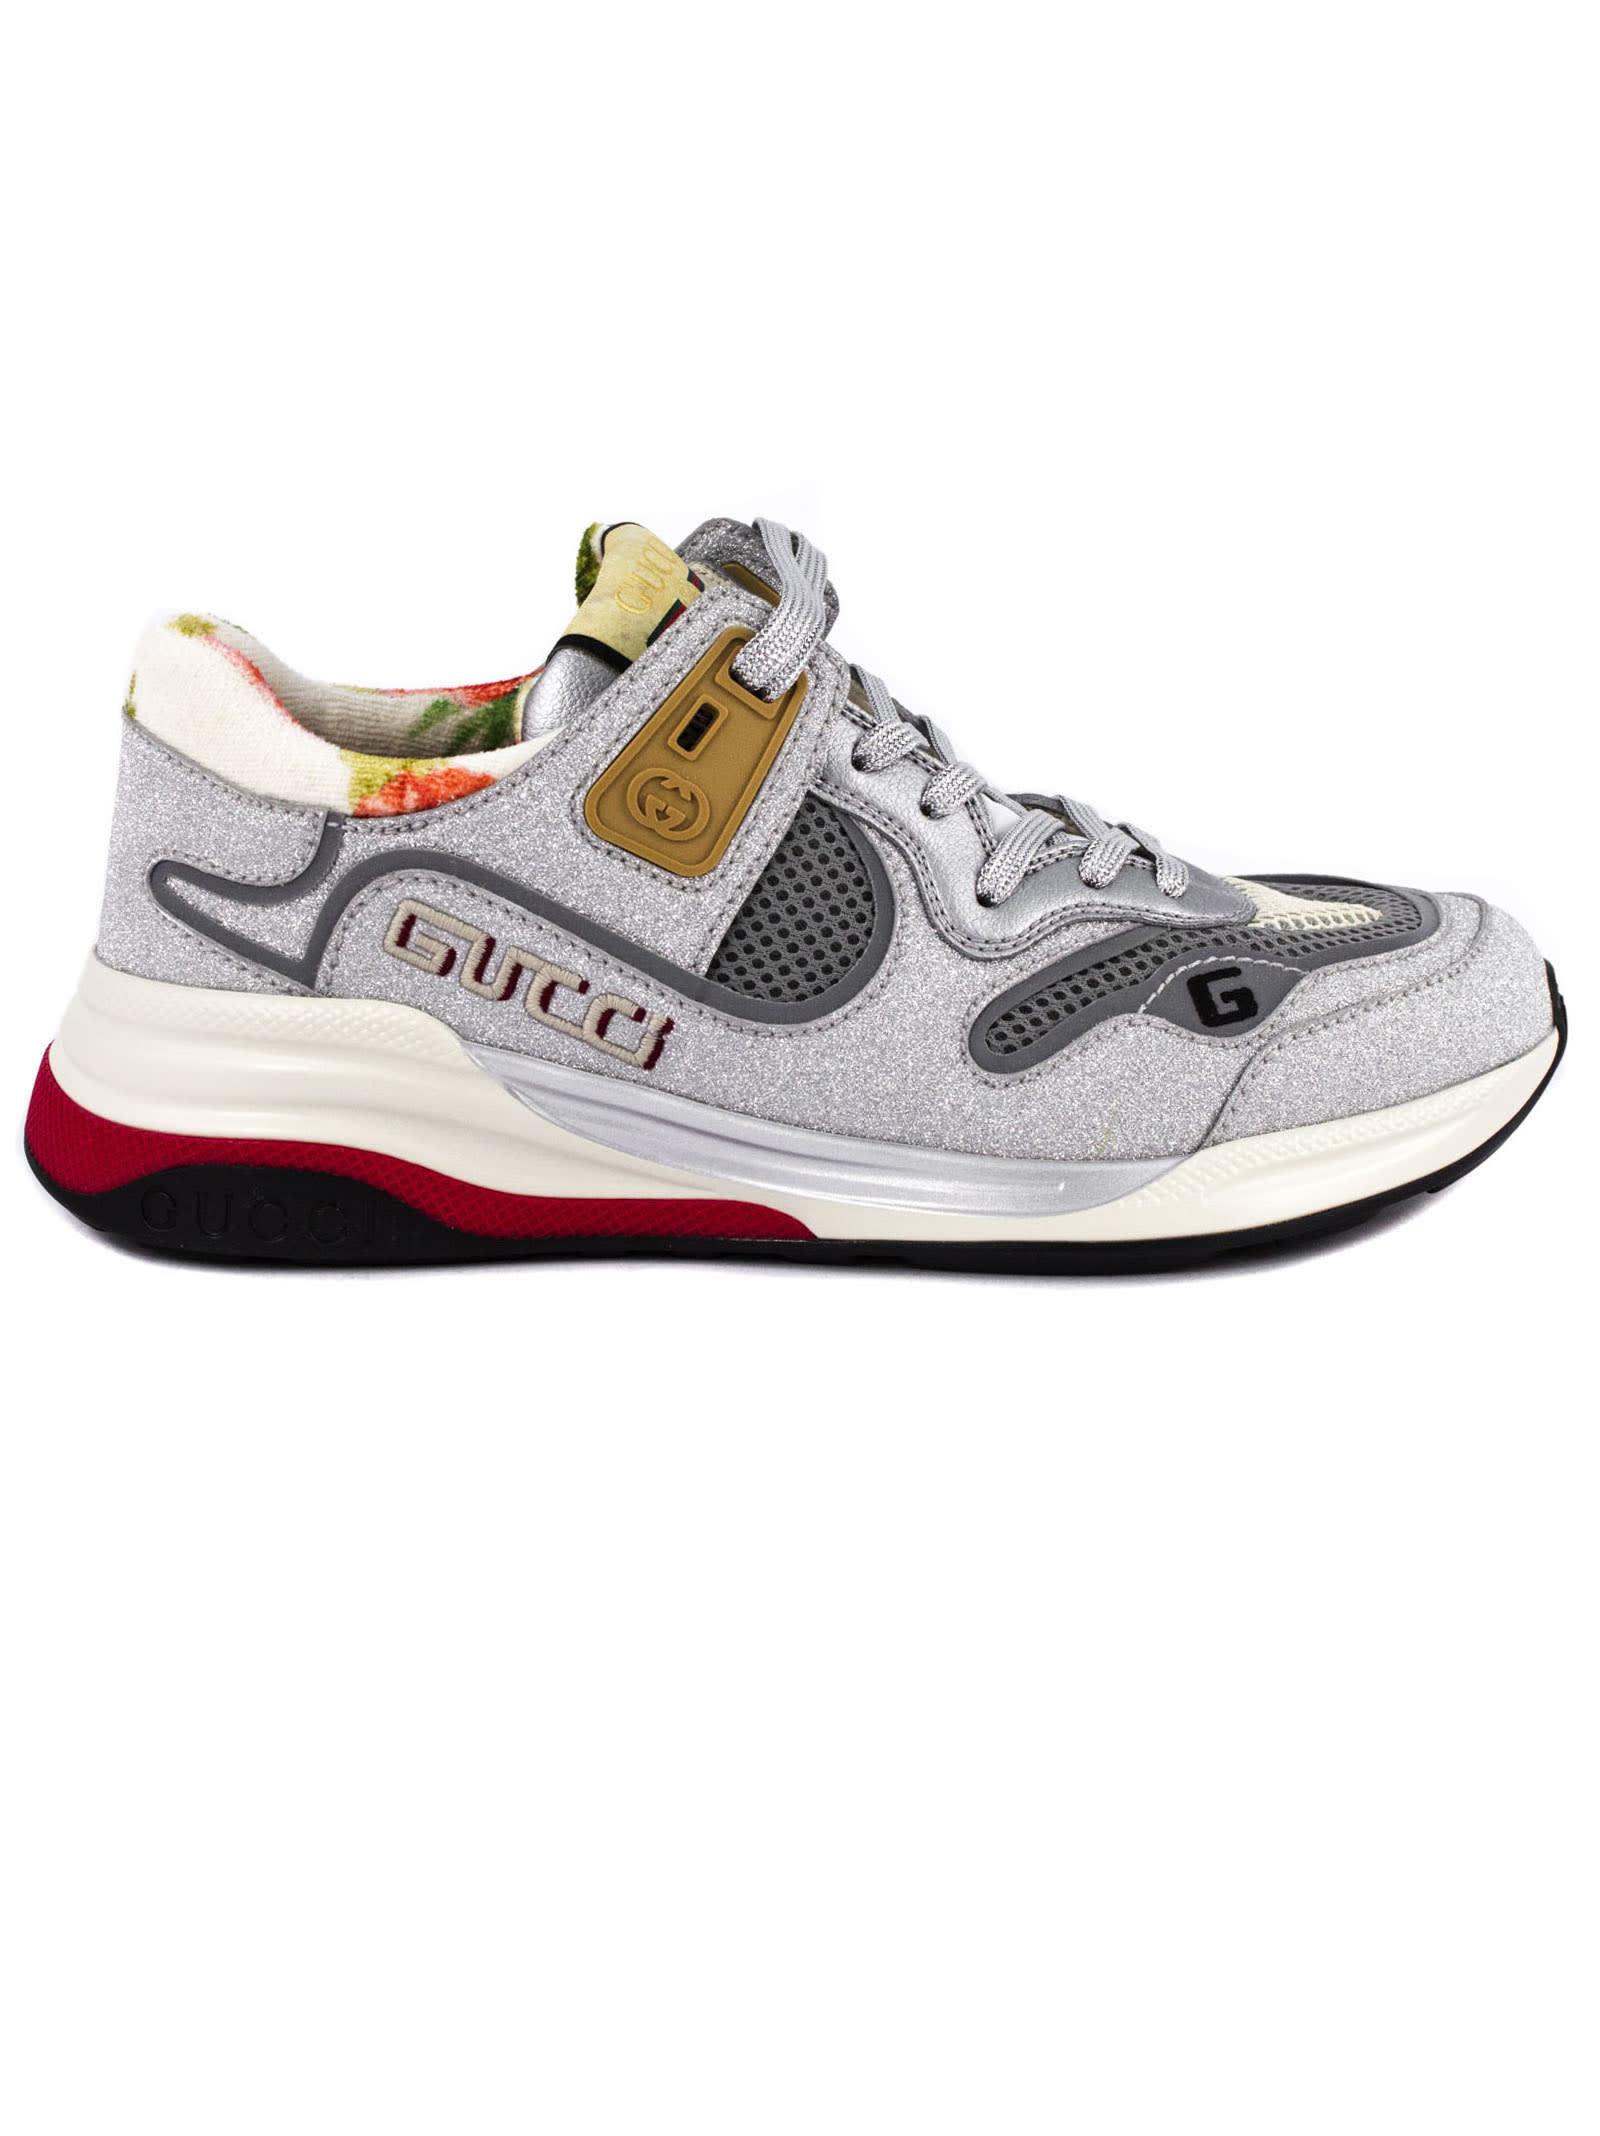 Gucci Gucci Silver Sneaker Ultrapace